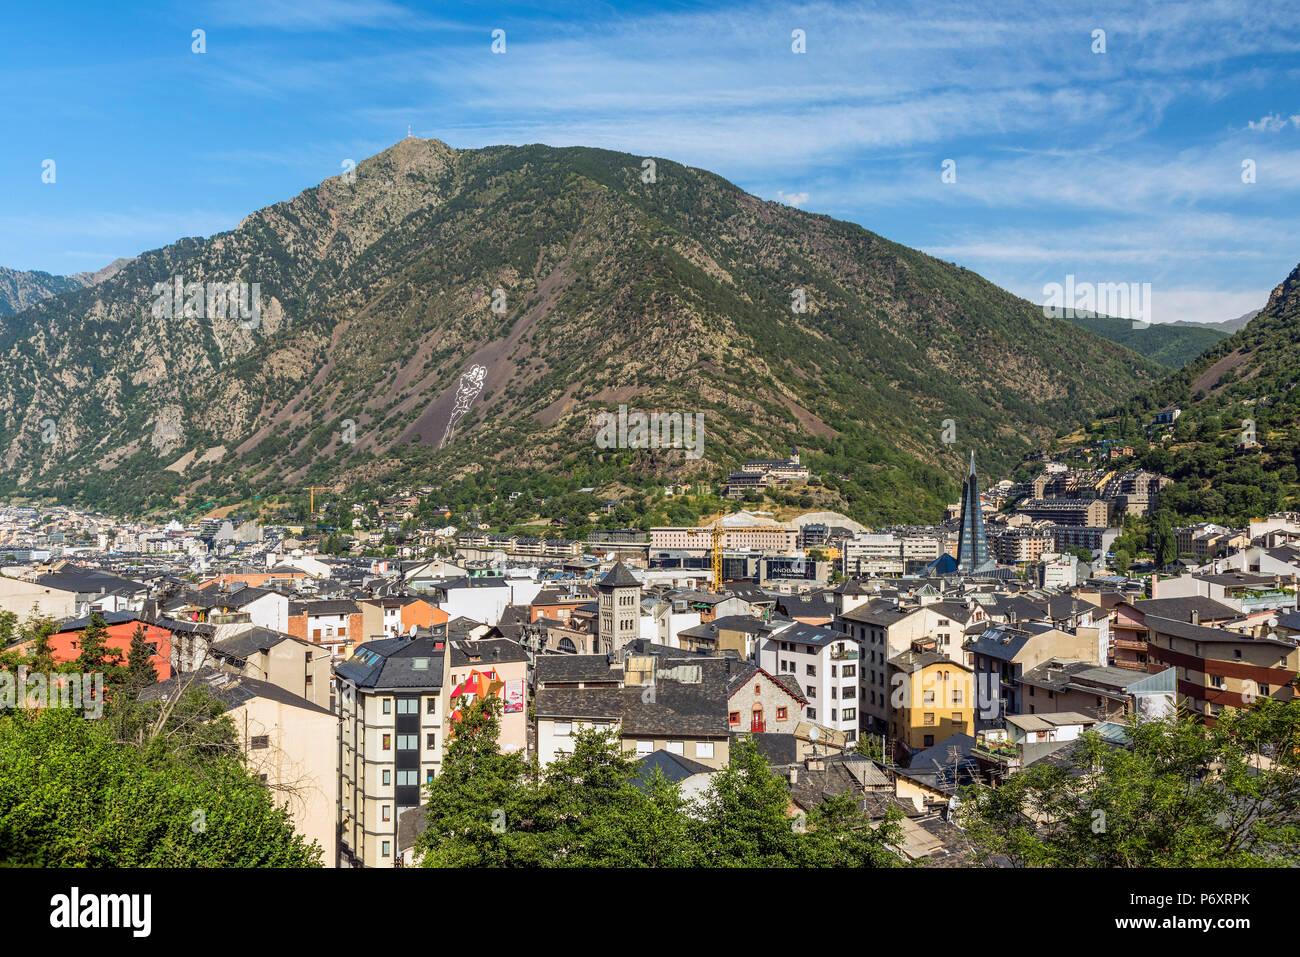 Skyline della città di Andorra La Vella, Andorra Foto Stock